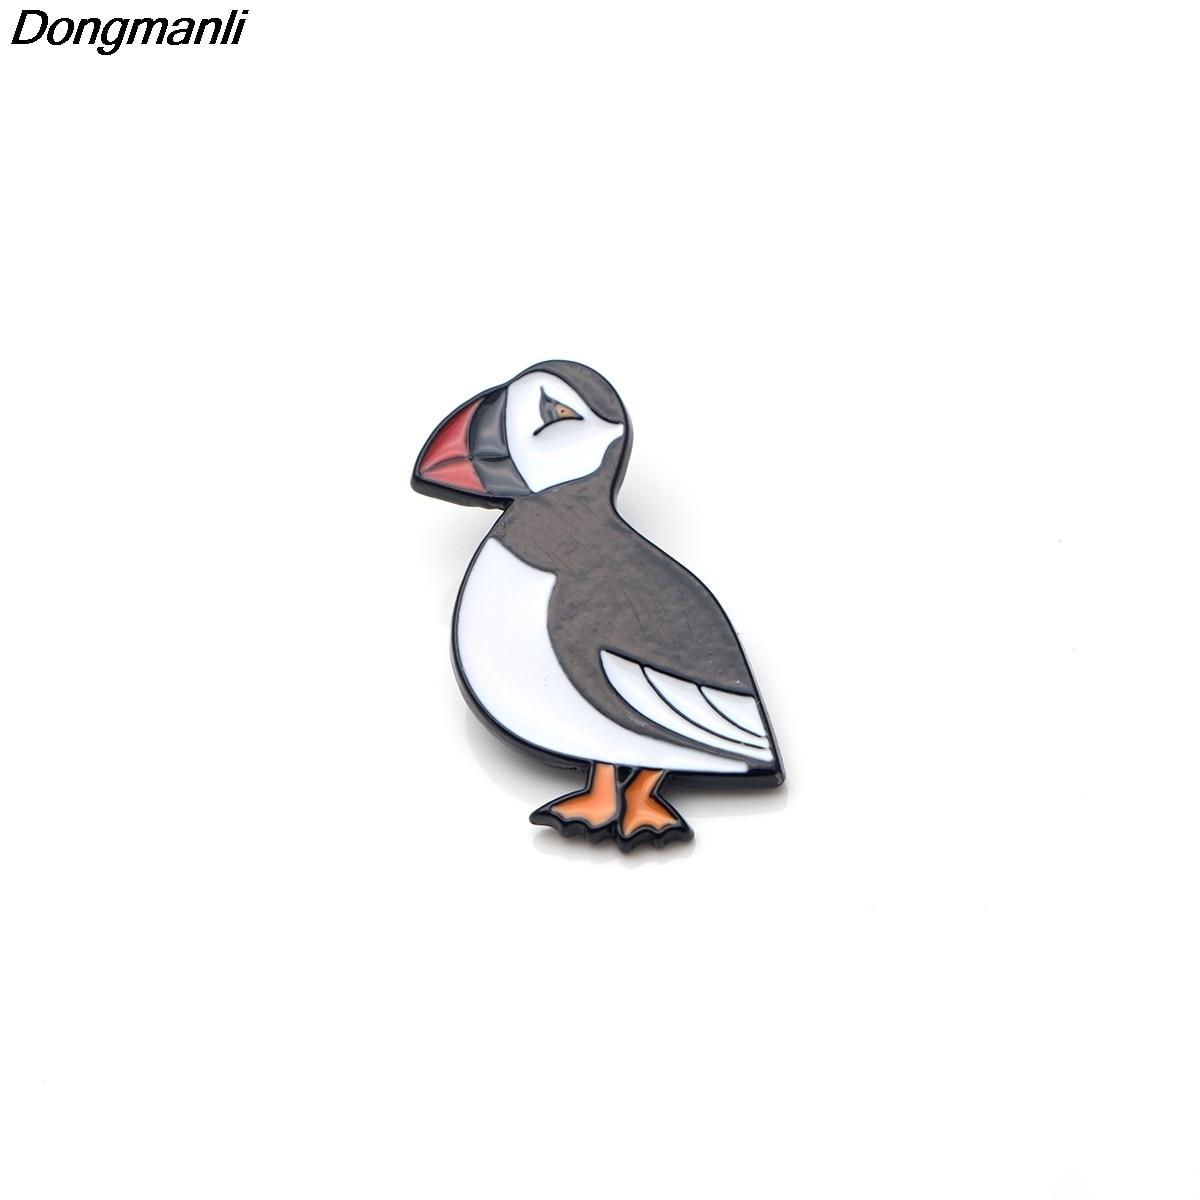 P2595 Dongmanli groothandel 20 stks/partij Leuke Puffin Sea bird Metal Enamel Pins en Broches voor Vrouwen Mannen Revers pin rugzak badge-in Broches van Sieraden & accessoires op  Groep 1